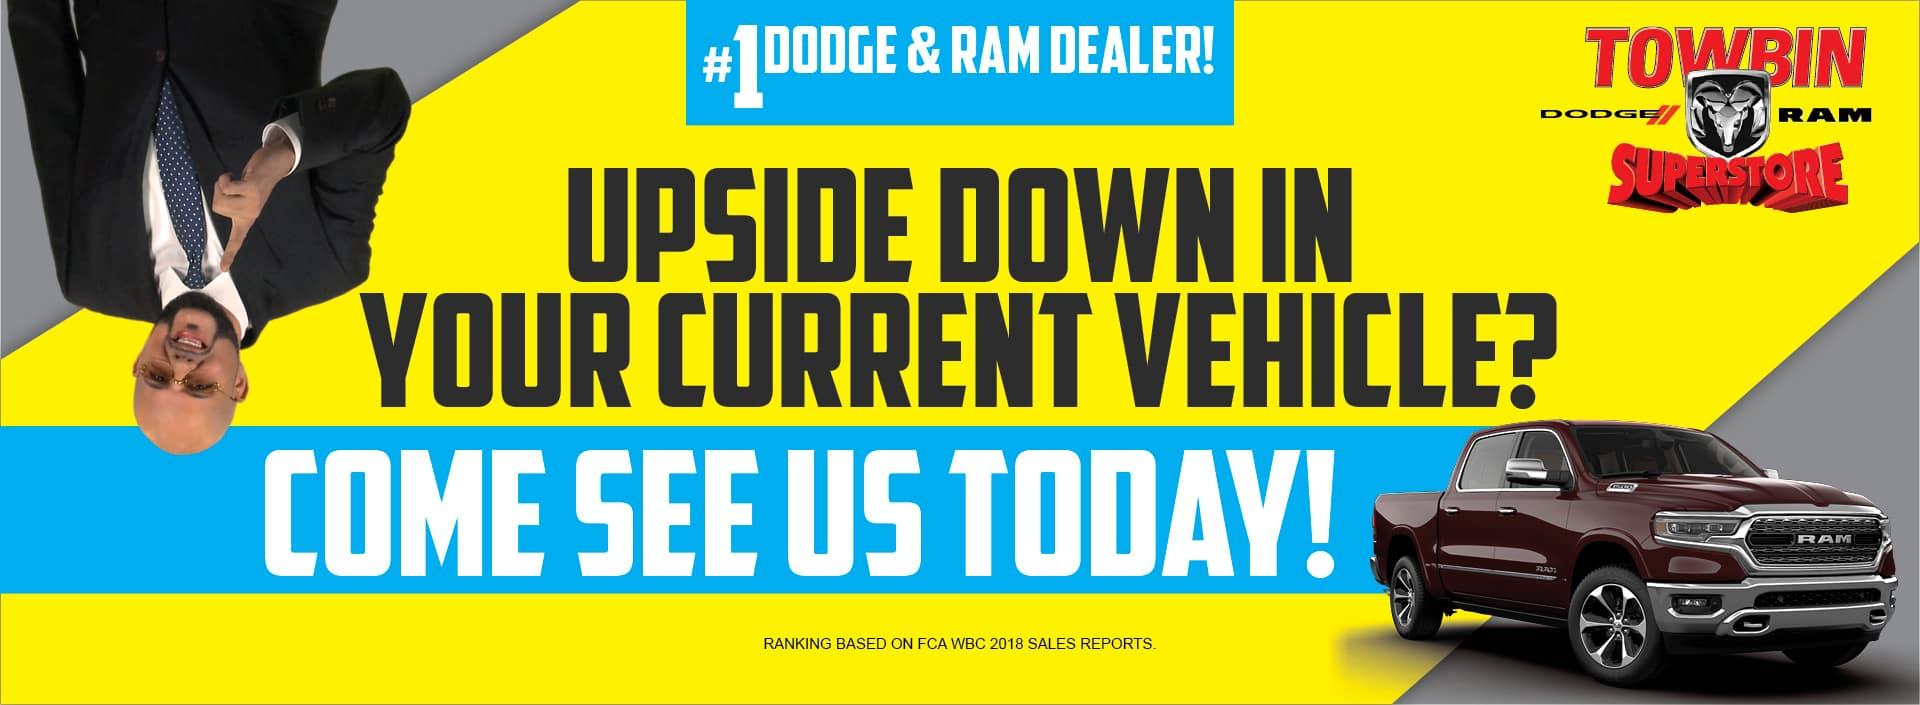 Towbin Dodge Dealer in Henderson, NV